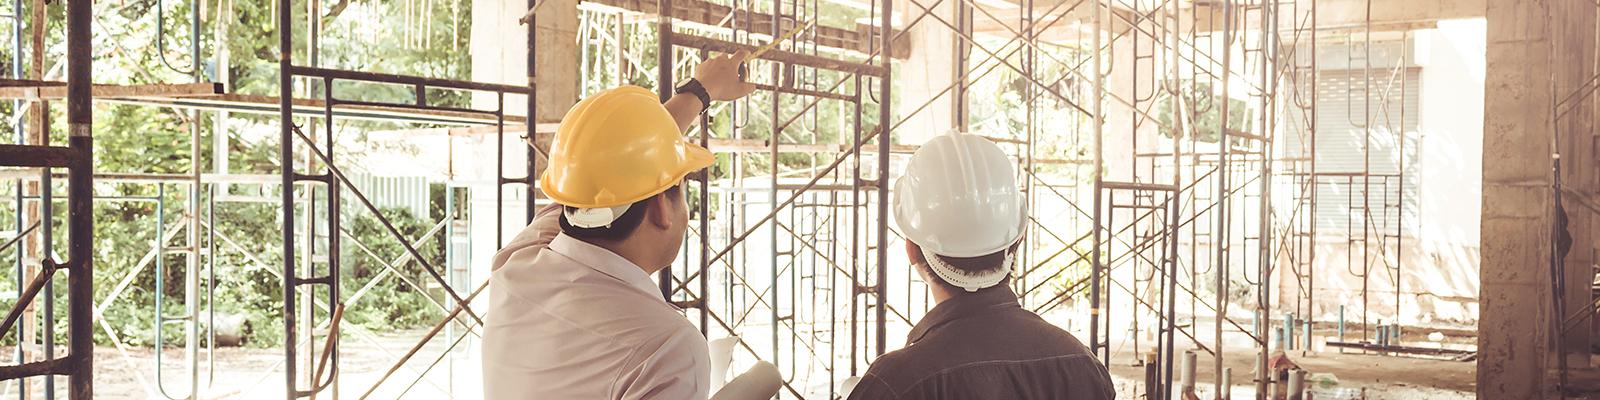 Entreprise de rénovation de la maison à Dardilly